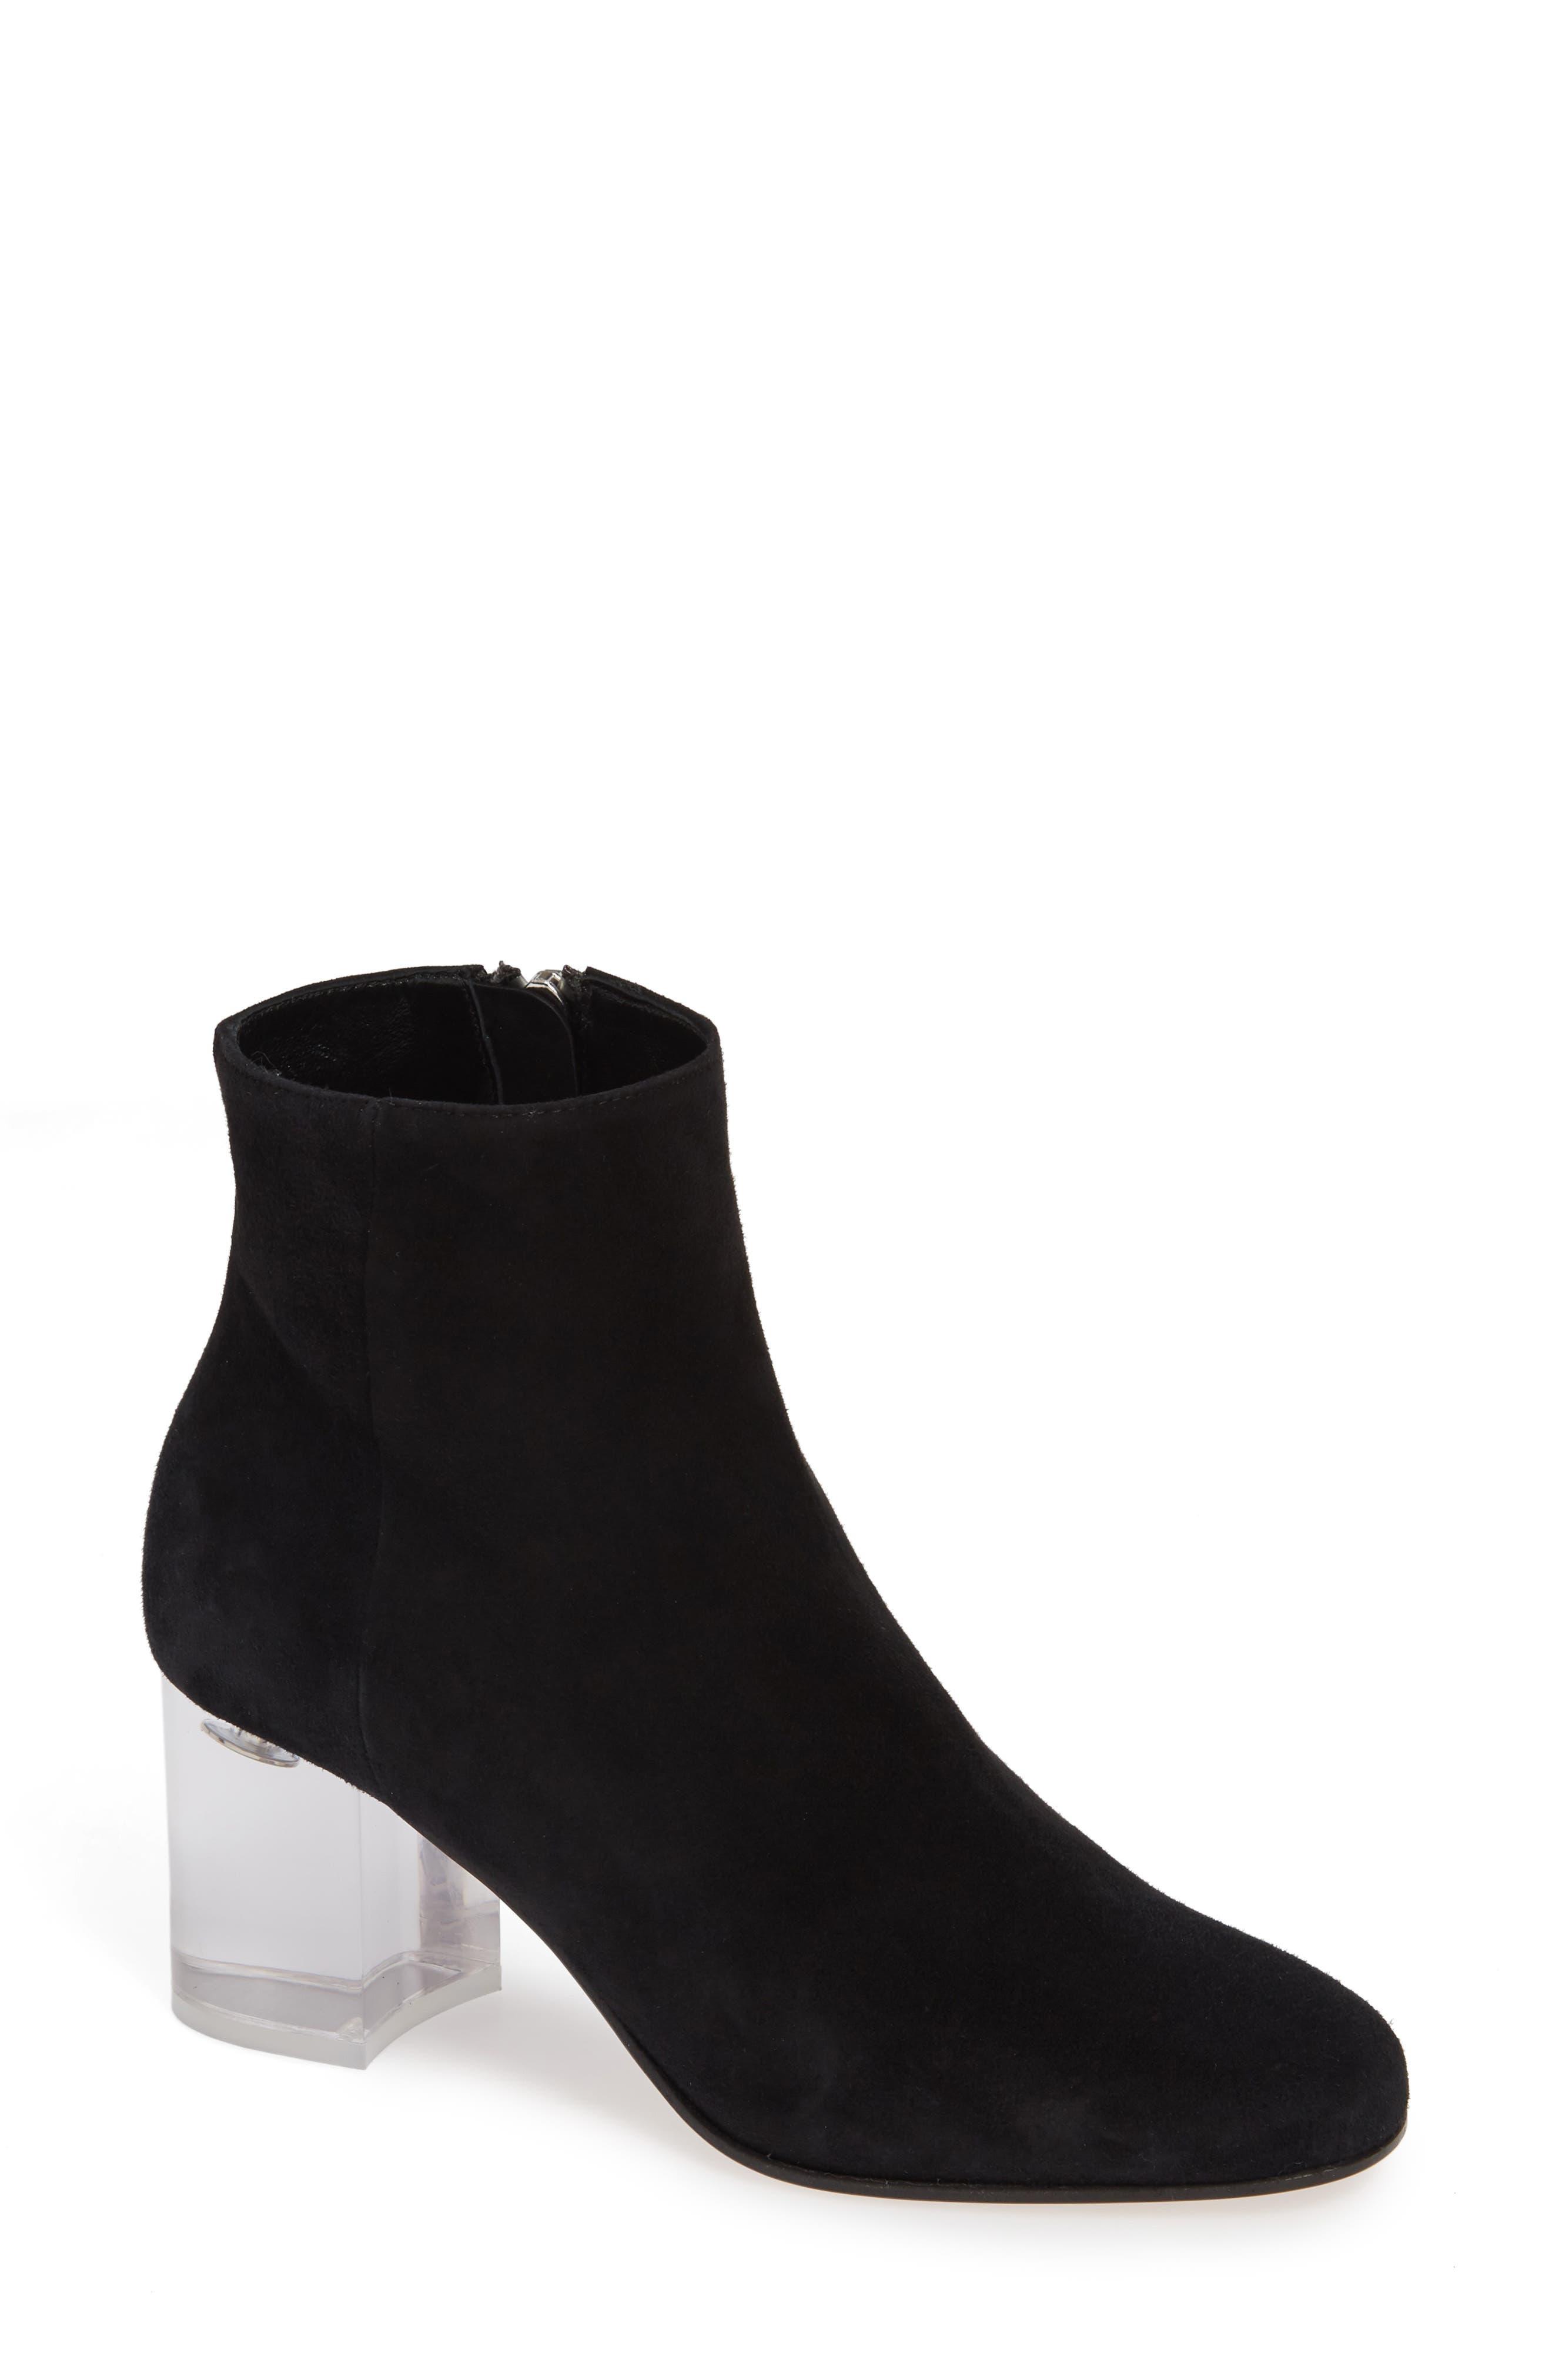 9c6f3639942b Women s Miu Miu Booties   Ankle Boots